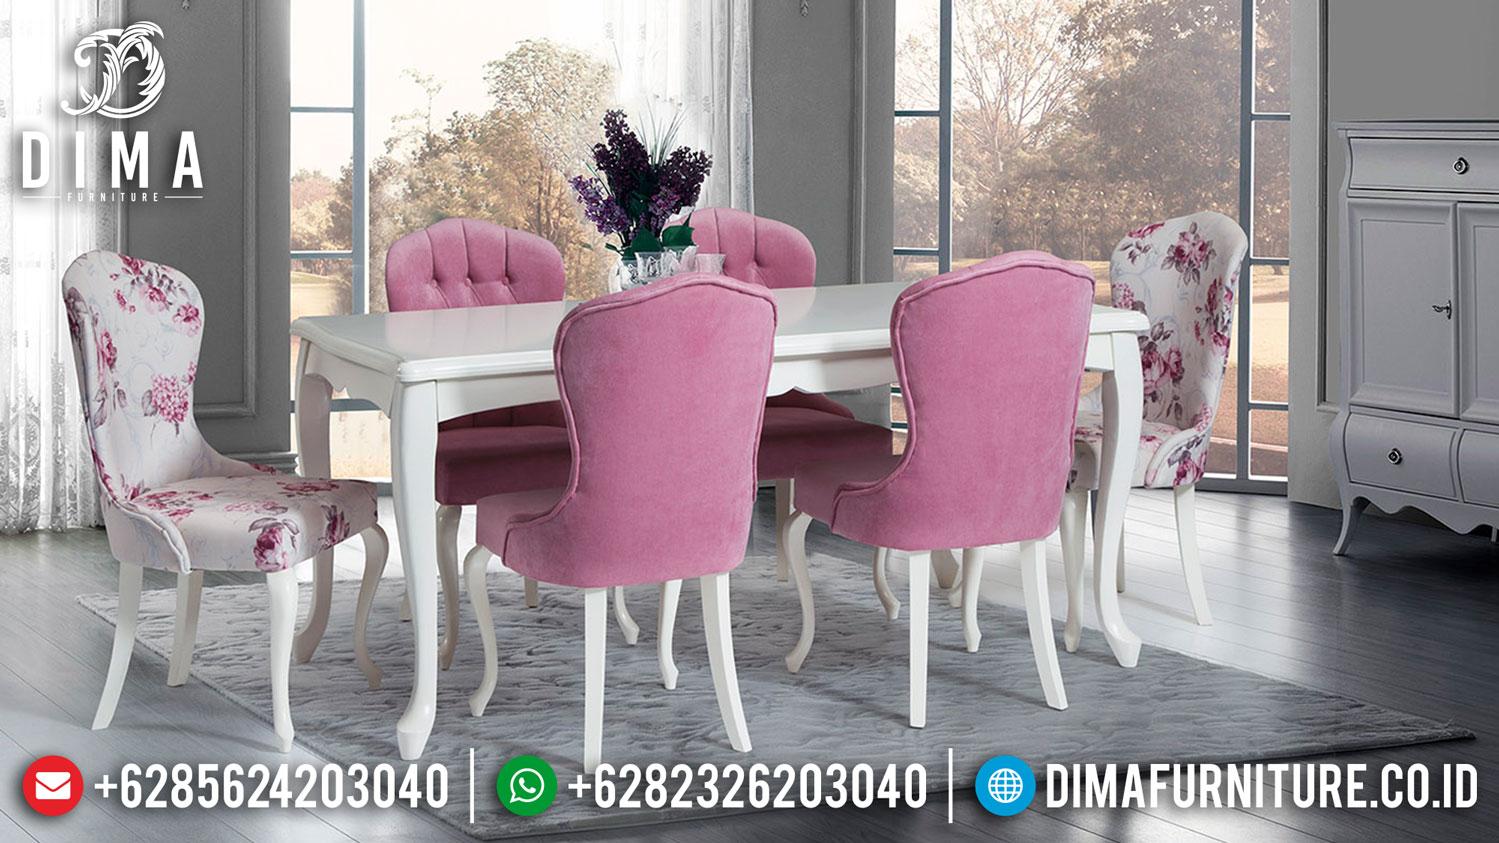 New Meja Makan Minimalis Shabby Fabric Best Quality Foam Furniture Jepara TTJ-1288